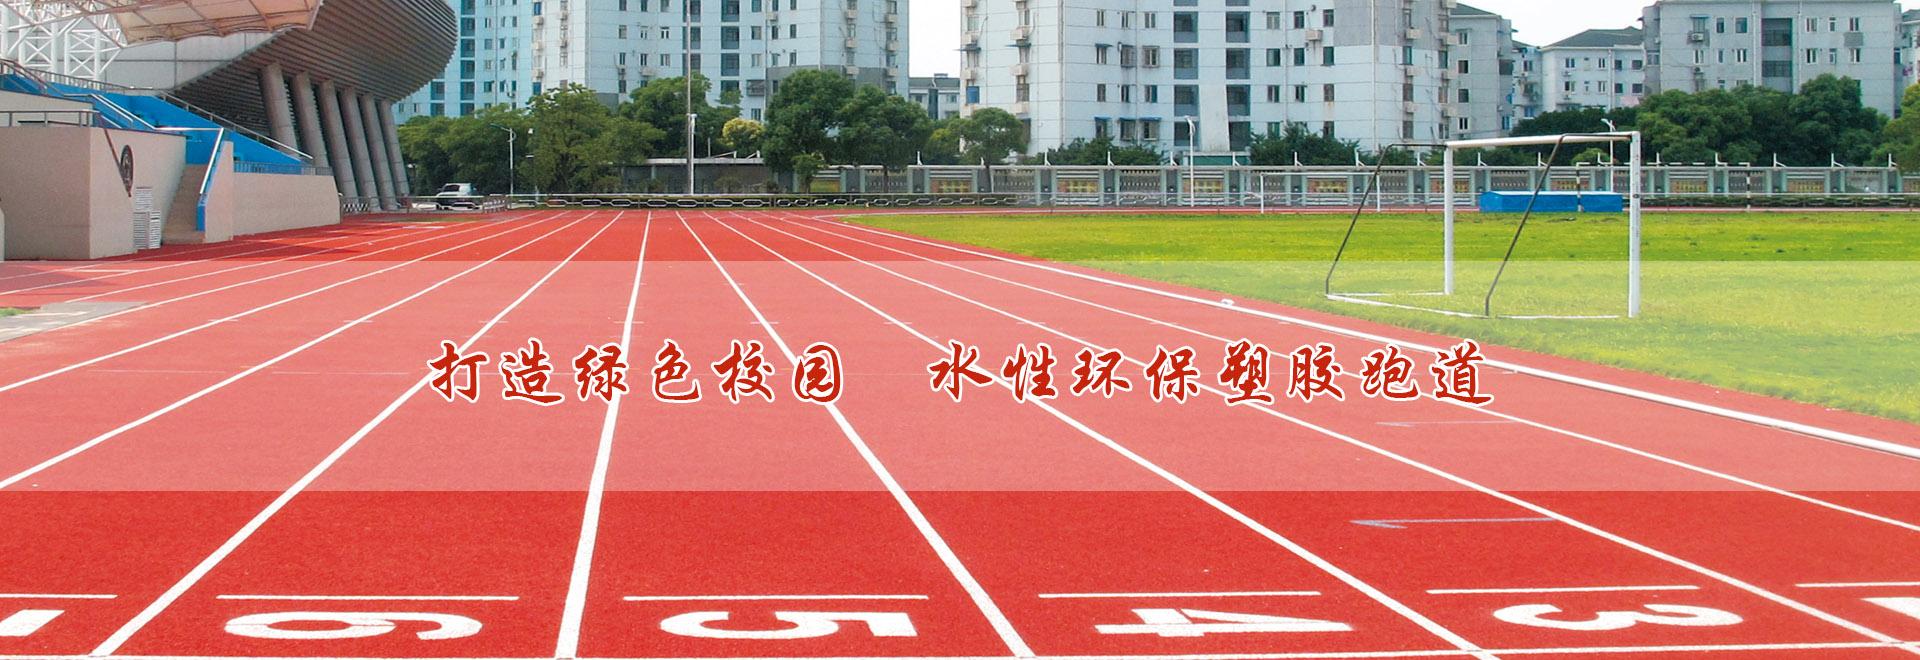 shishang